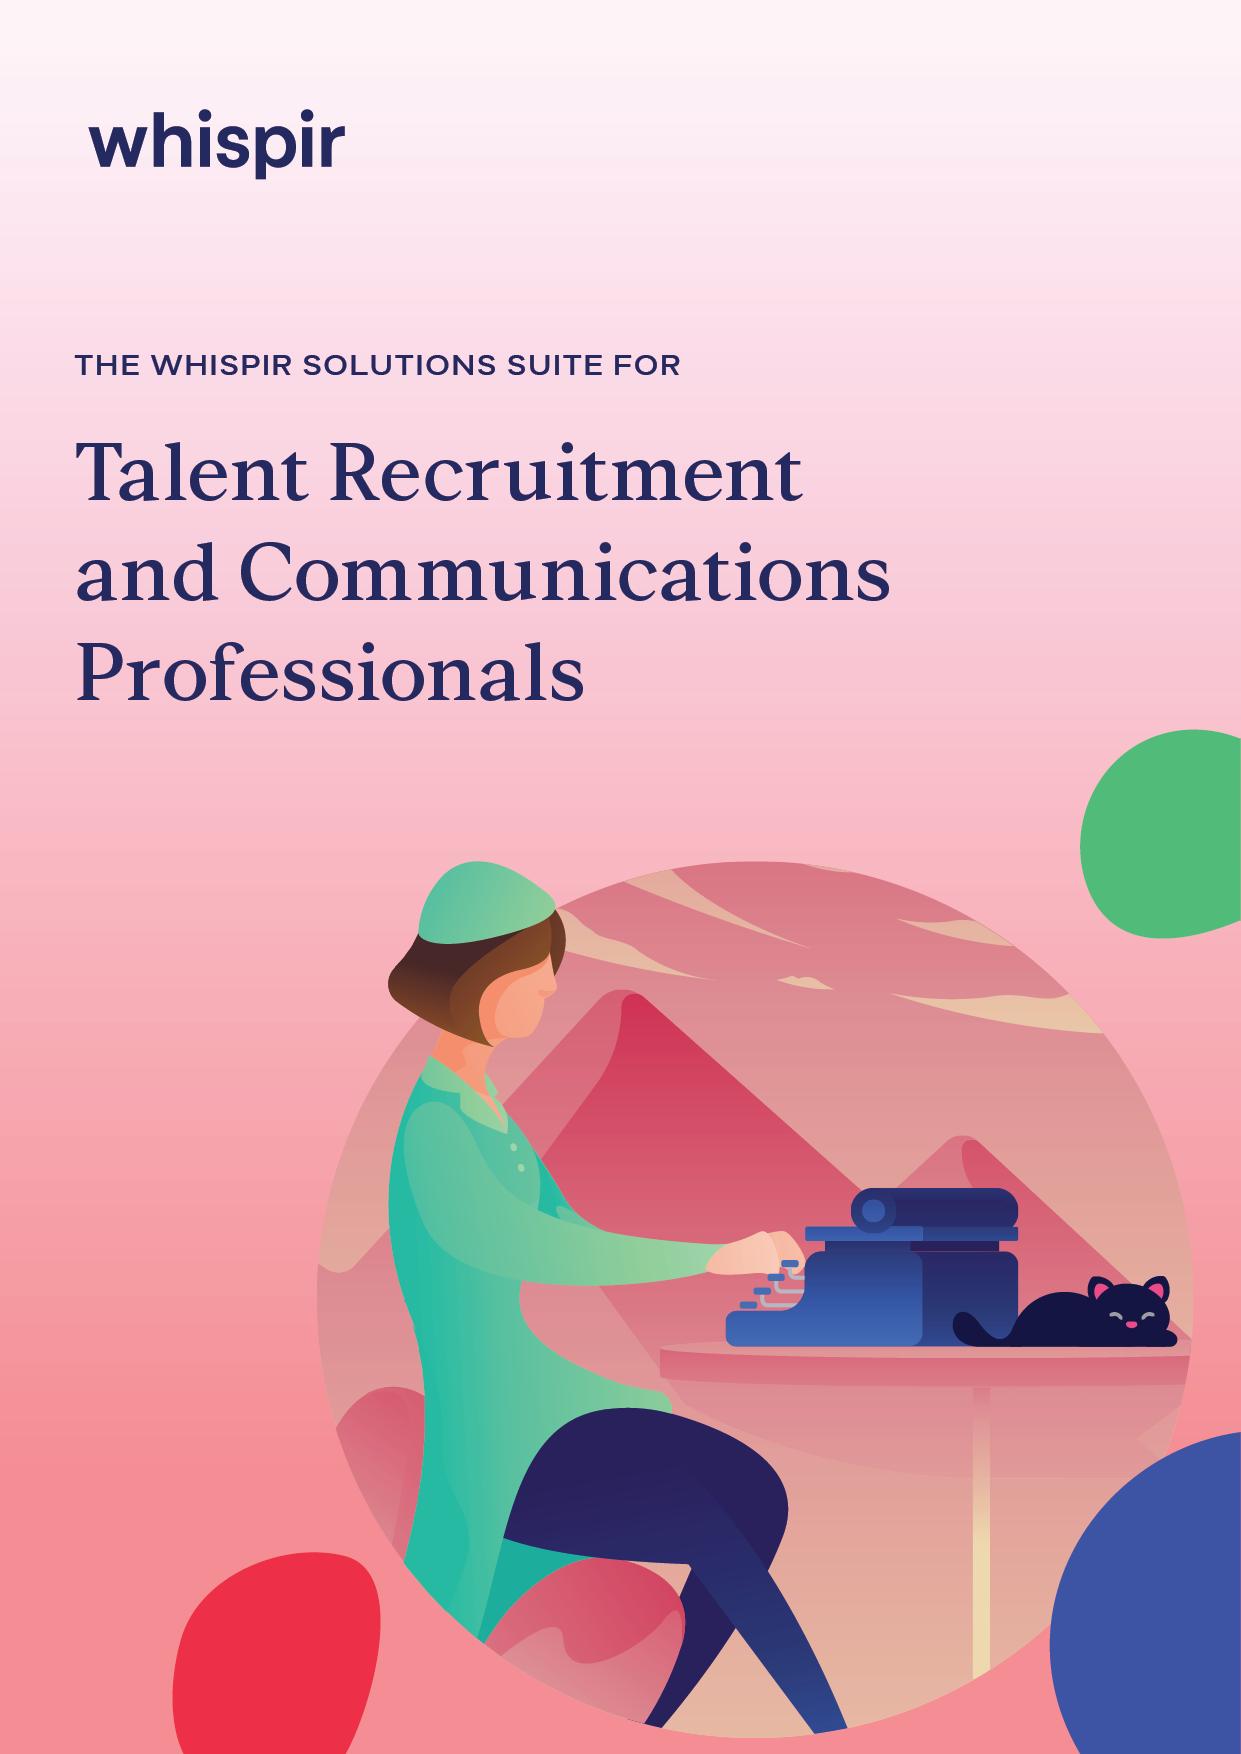 HR & Recruitment Ebook Image